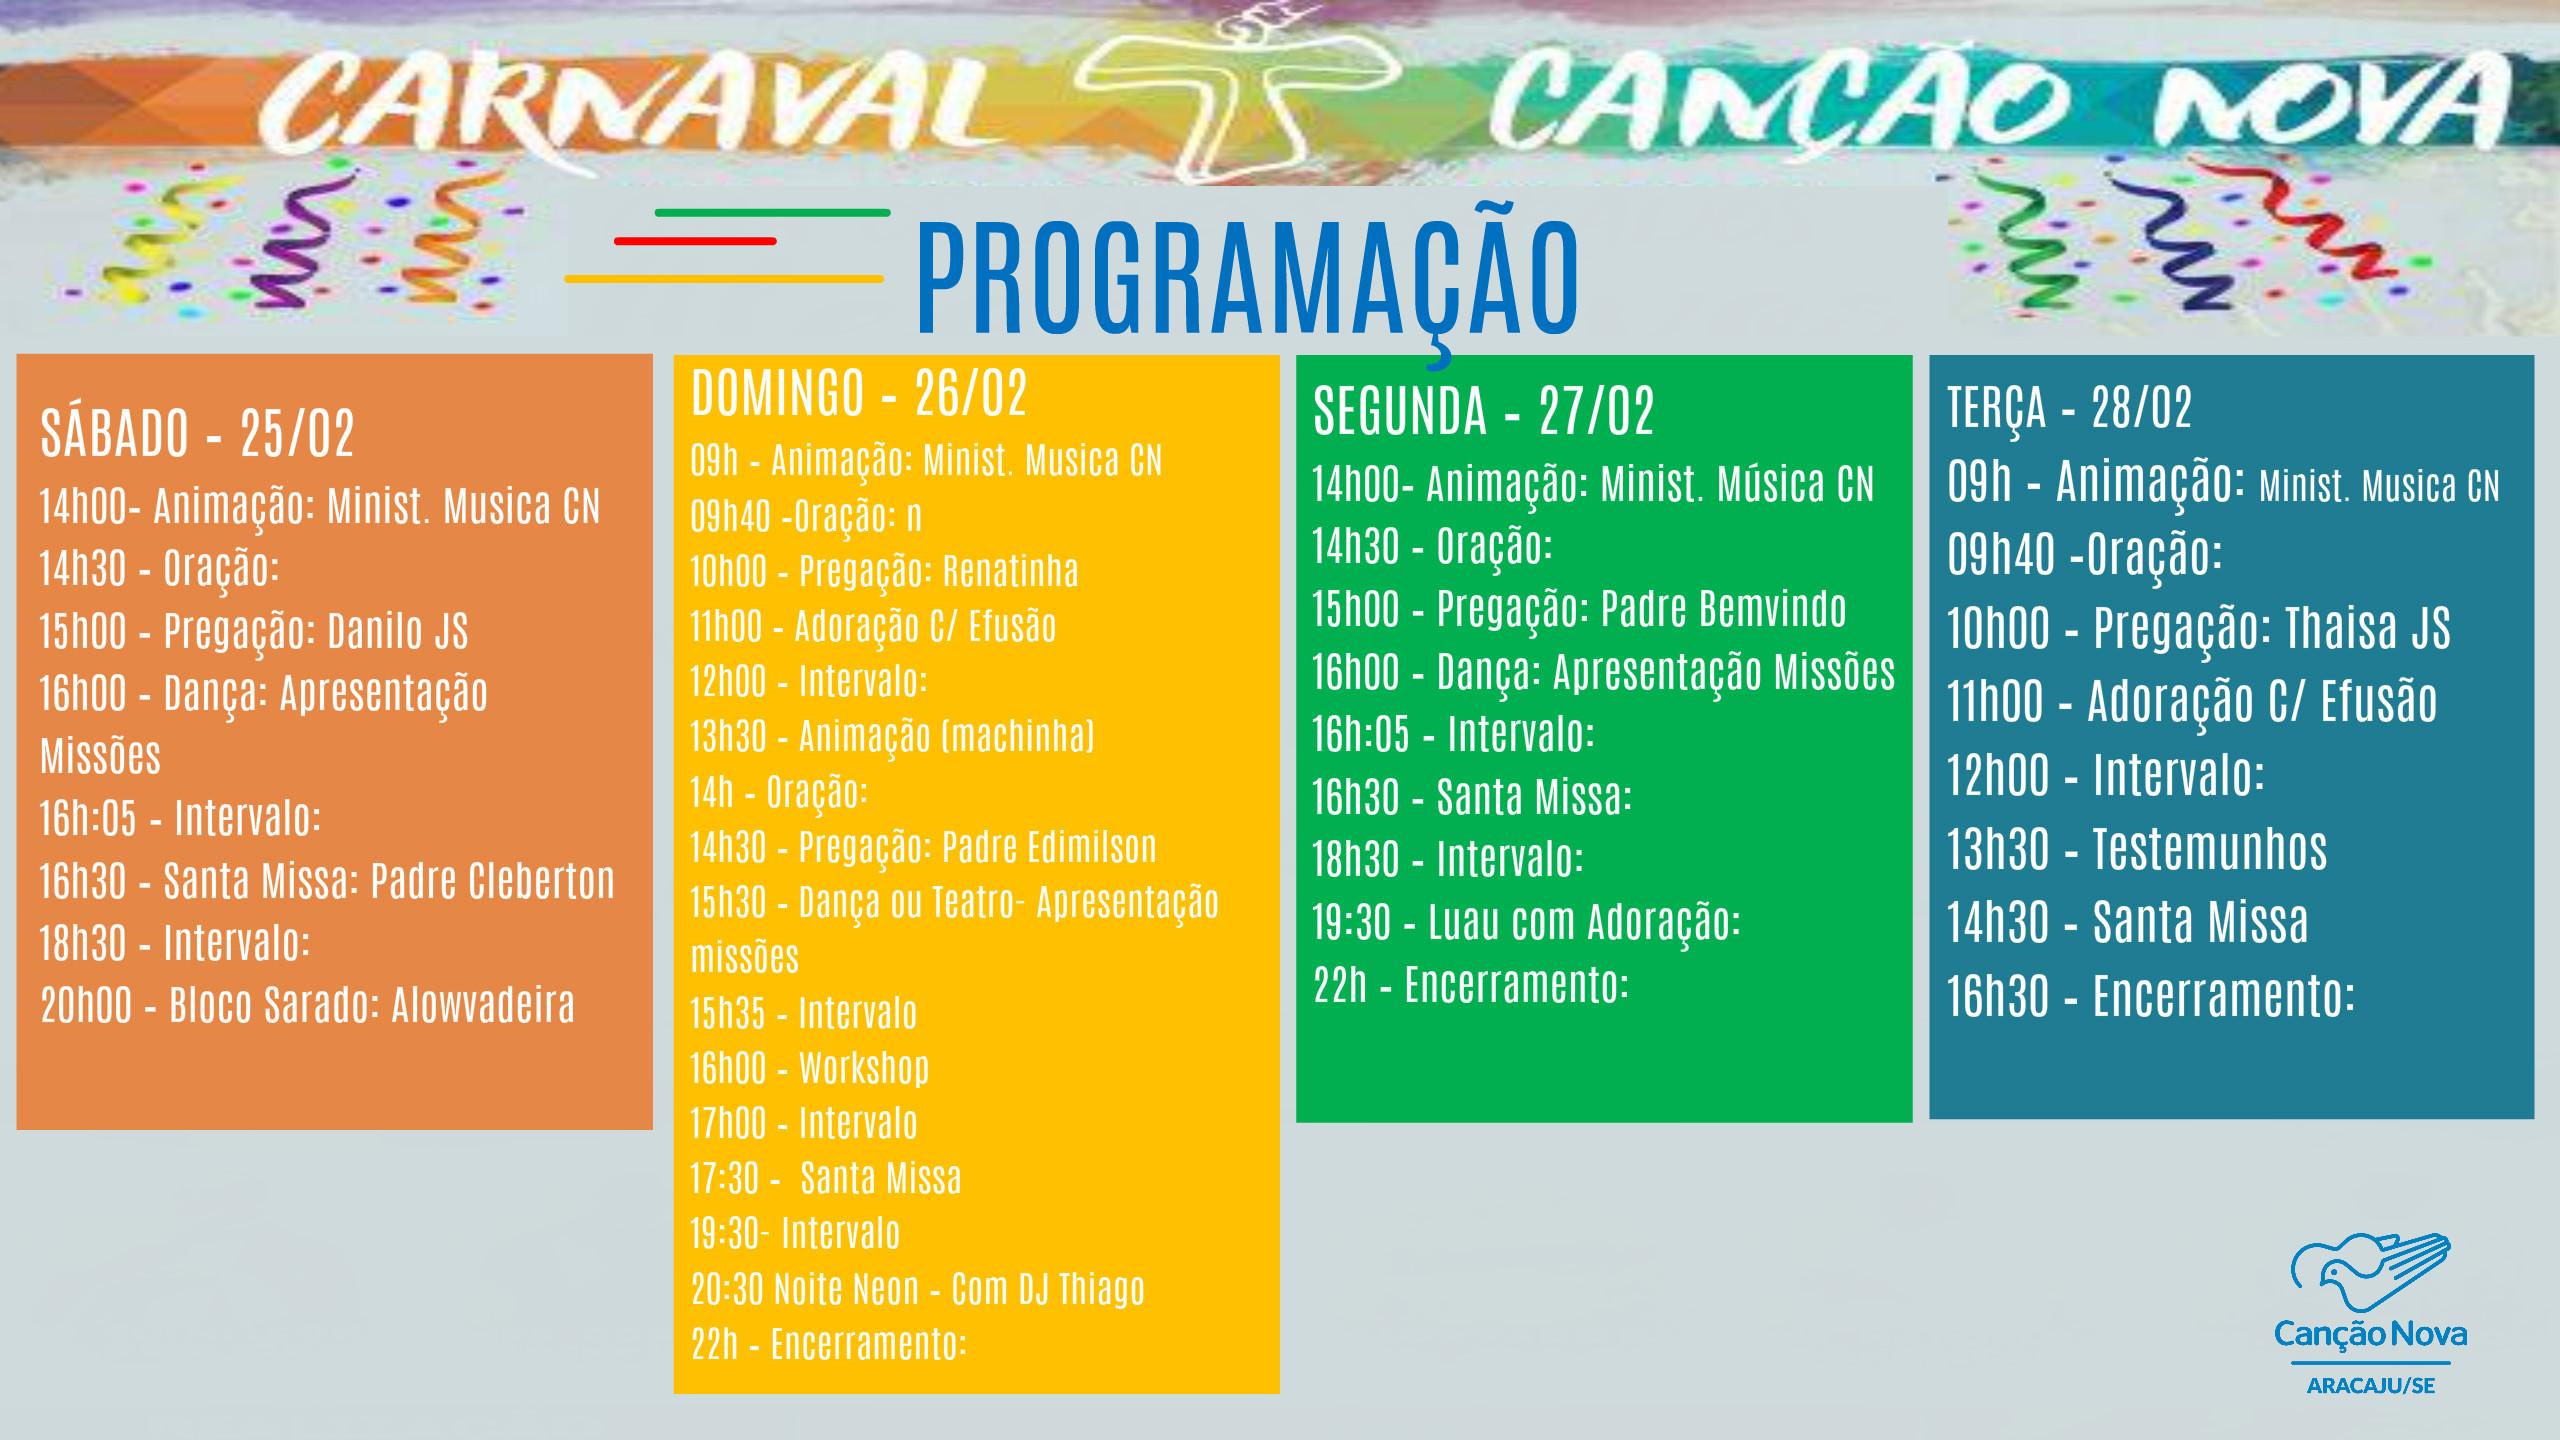 programação carnaval